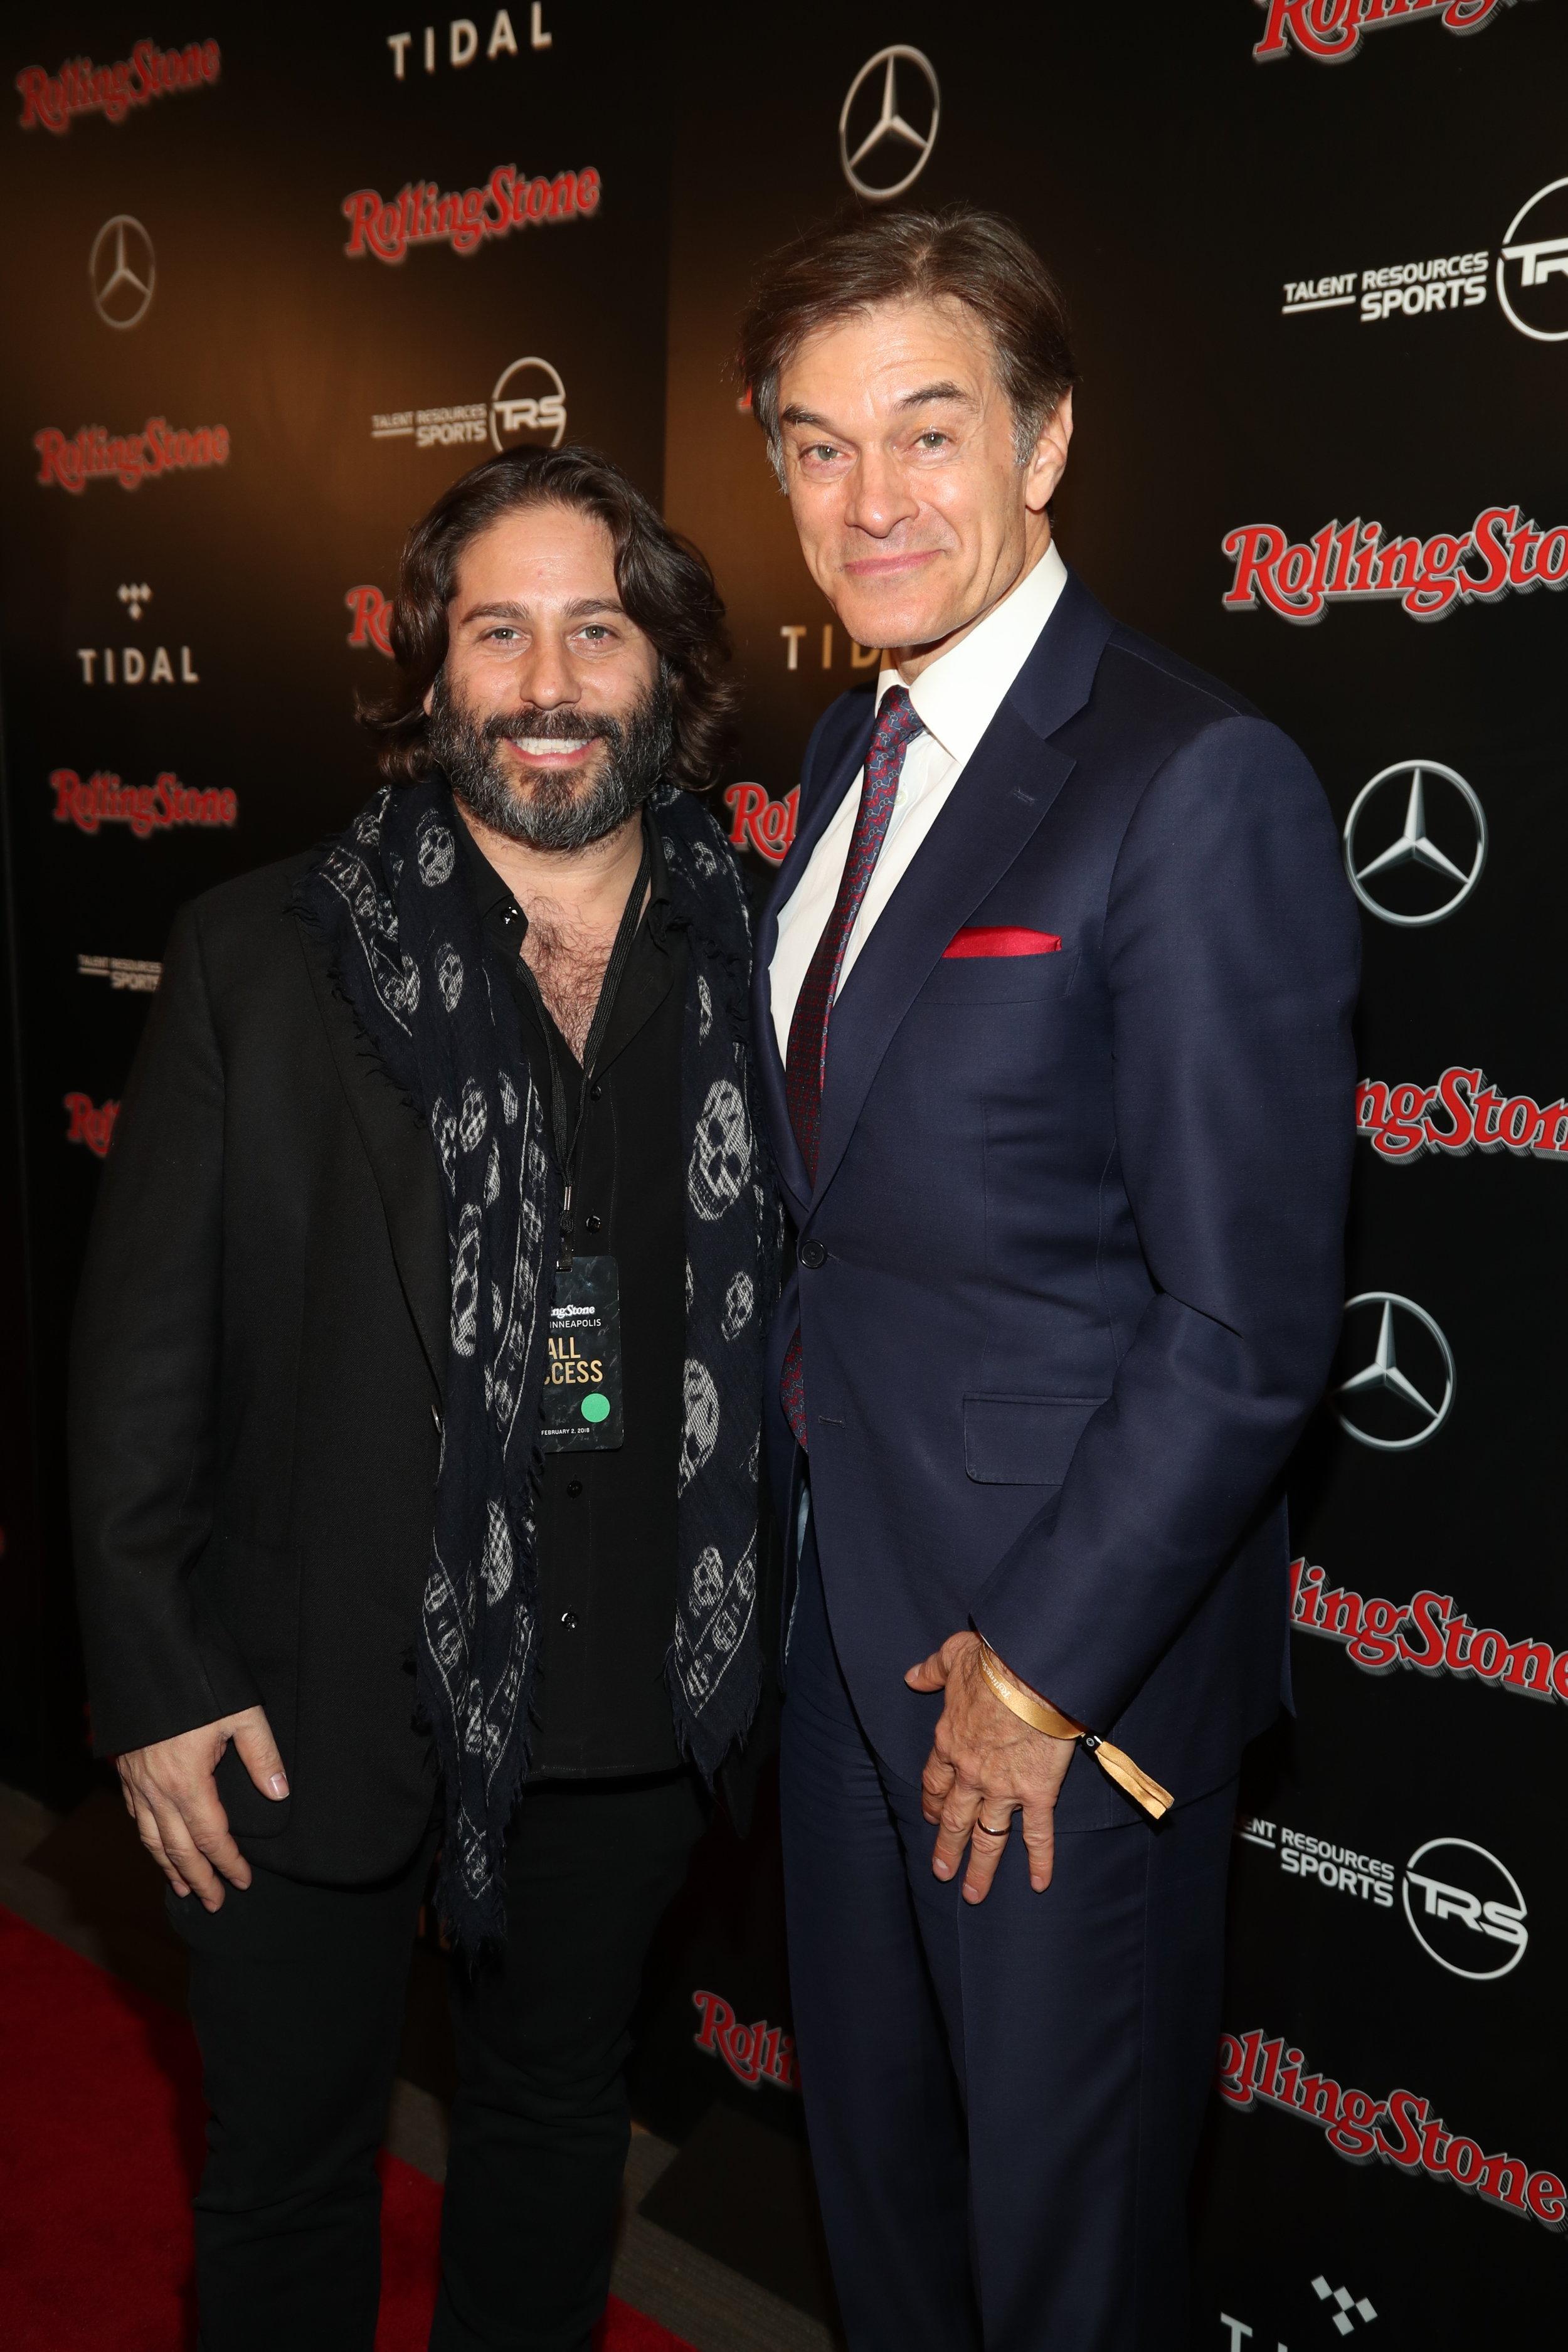 Michael Spencer & Dr. Oz